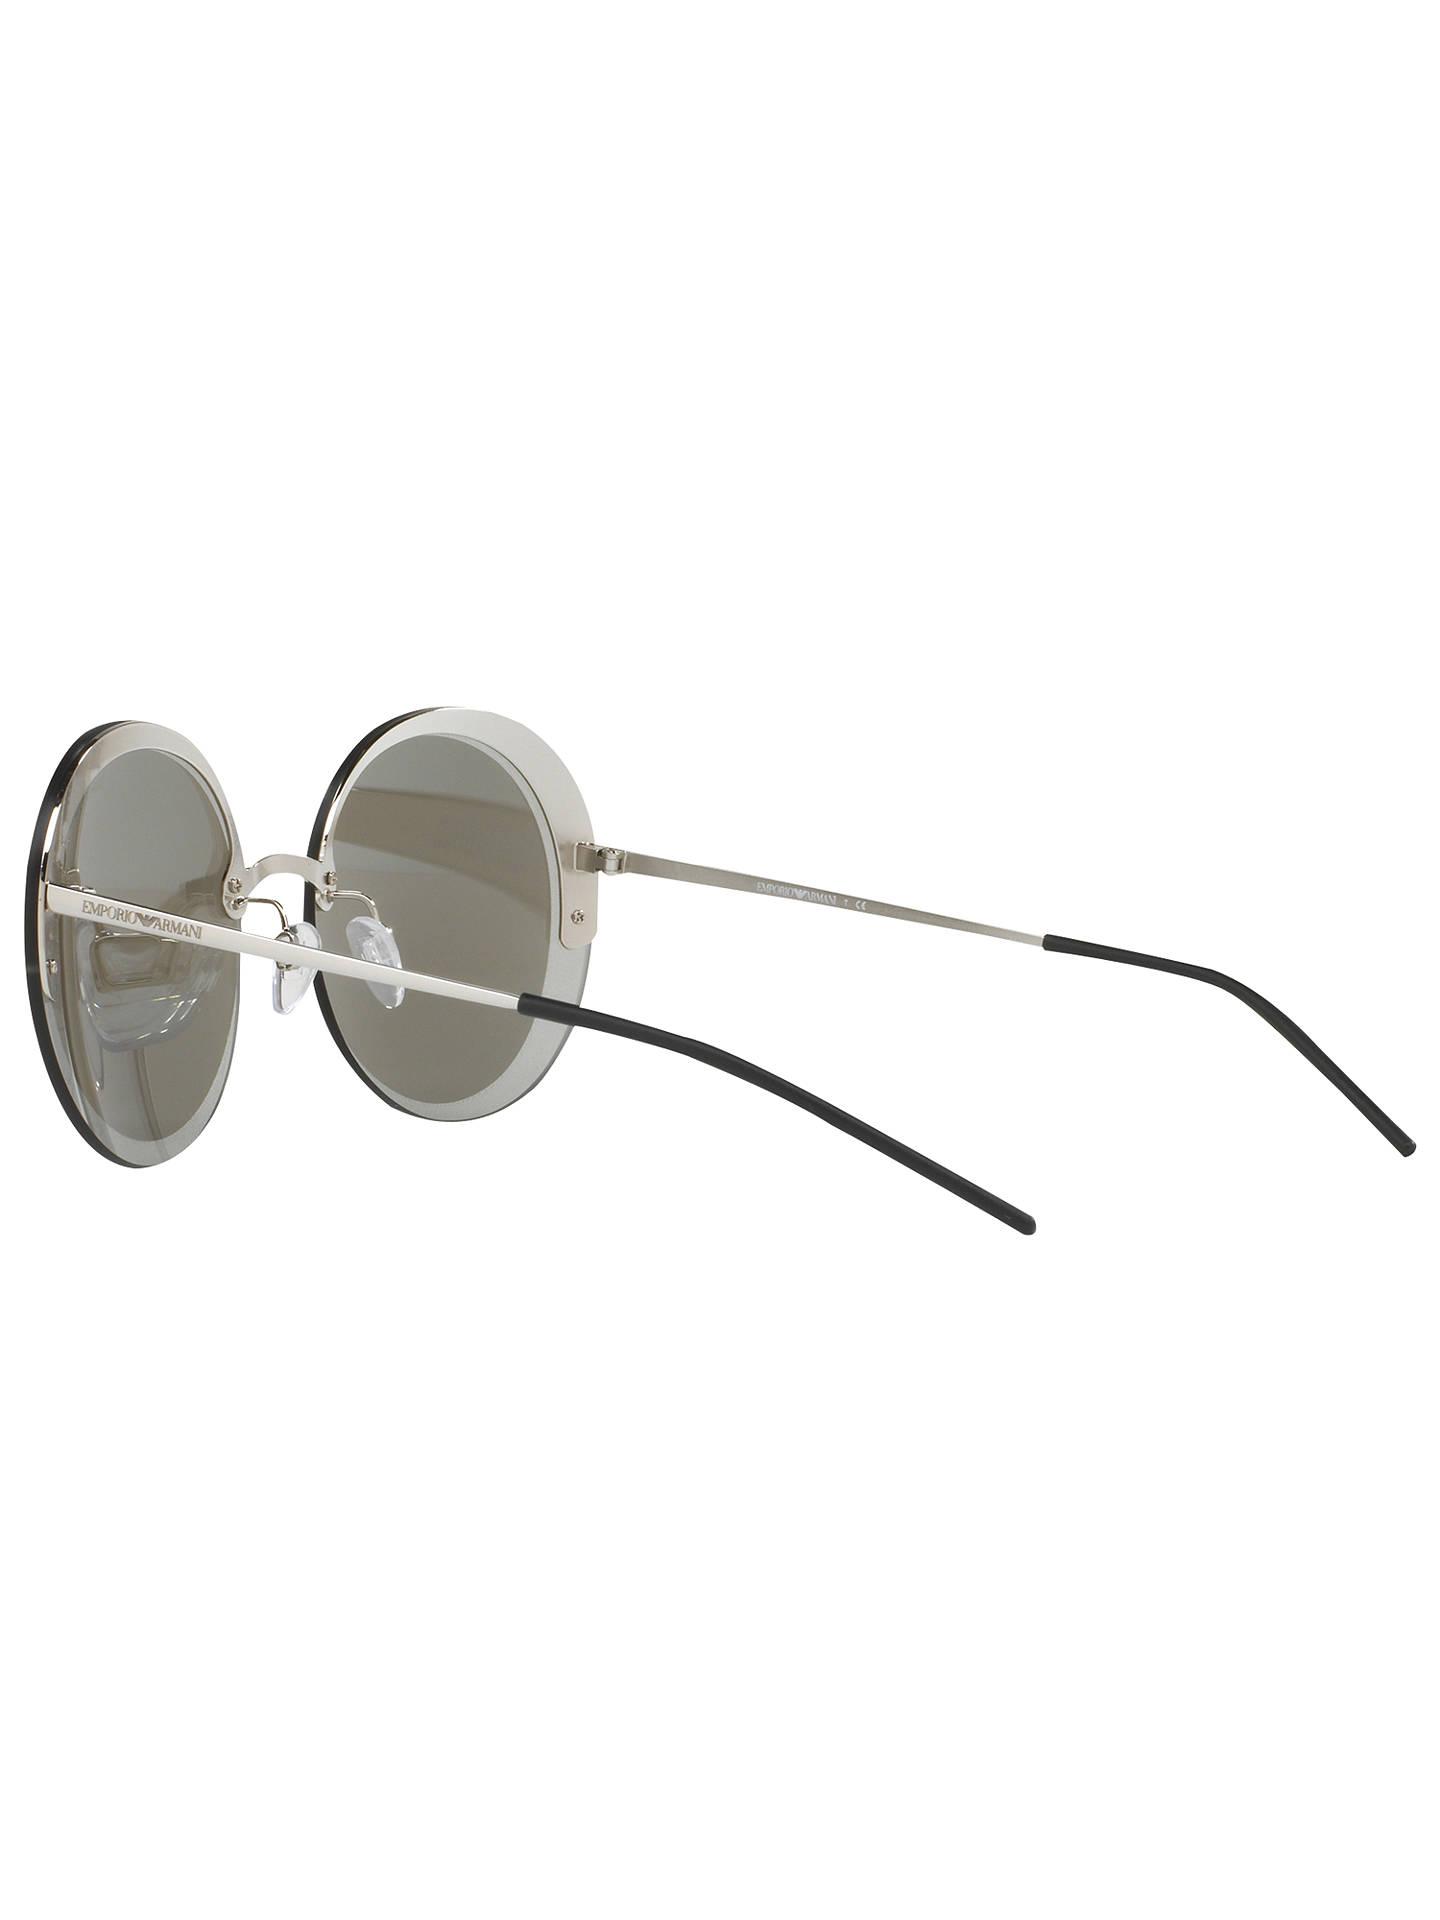 799e3fed864 Emporio Armani EA2044 Round Sunglasses at John Lewis   Partners